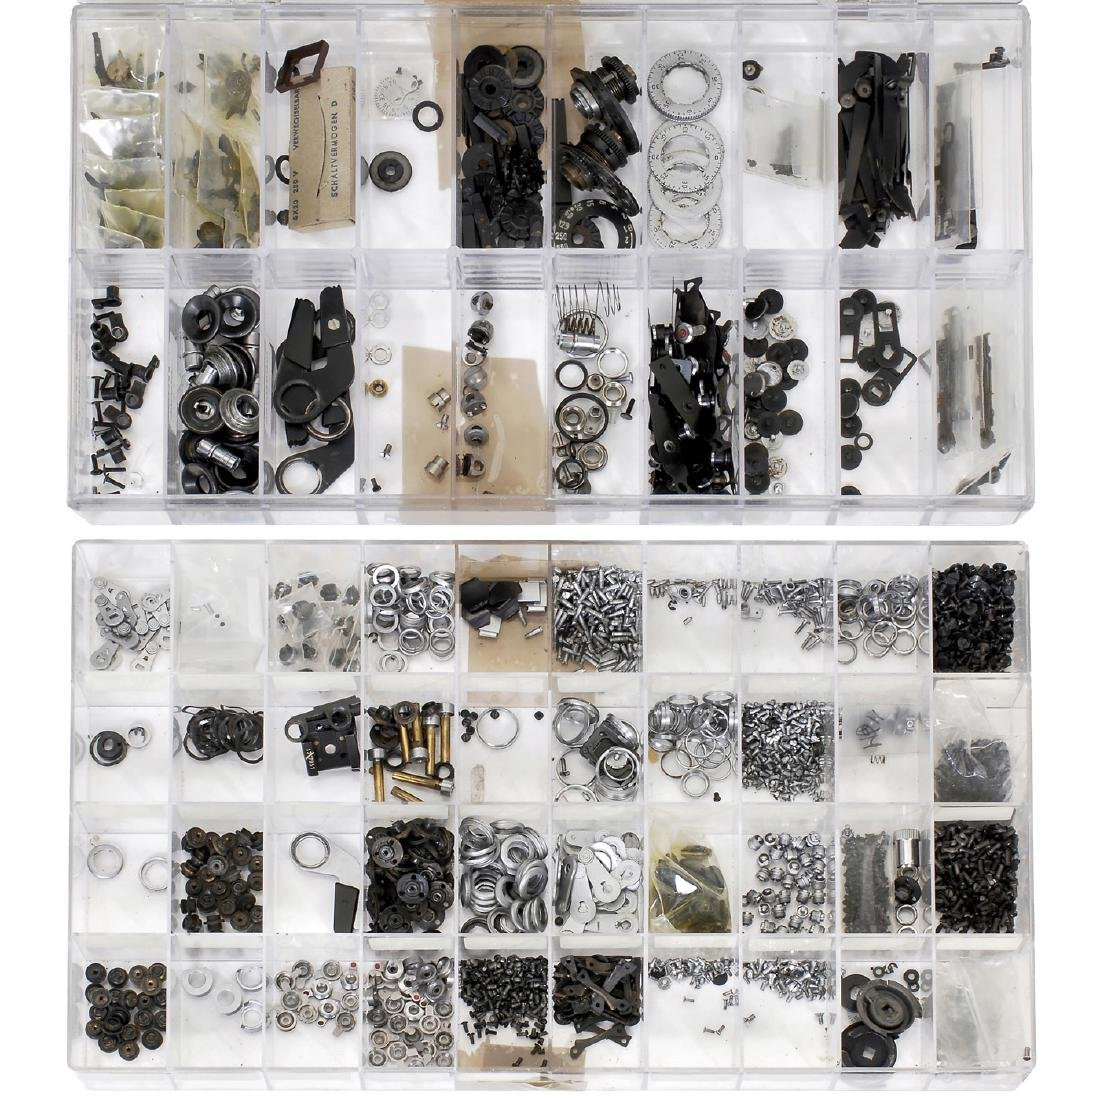 Spare Parts for Leica M Cameras